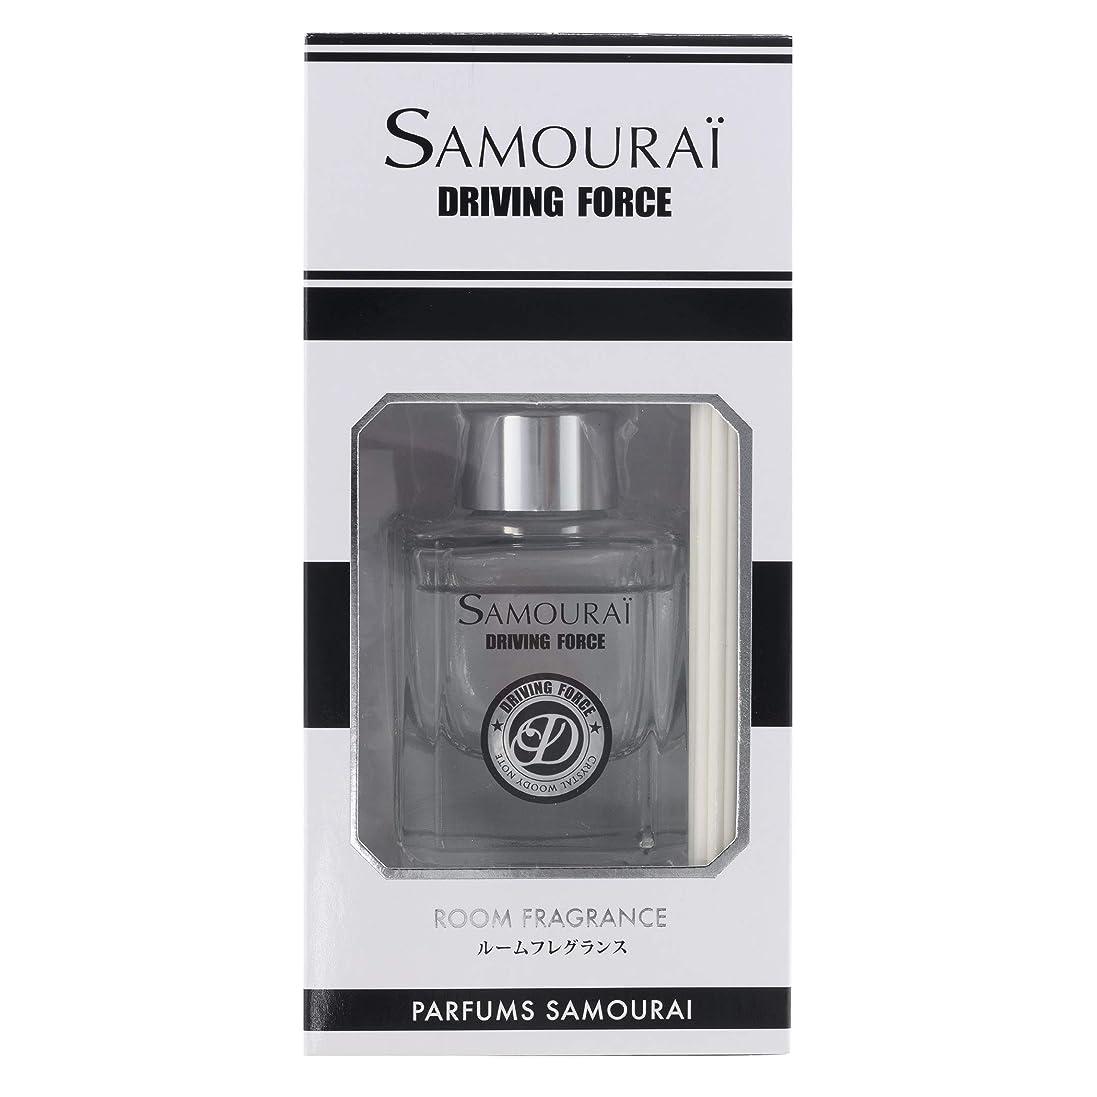 マチュピチュ妥協くるみサムライ ドライビングフォース ルームフレグランス 60ml 香る男の新定番「サムライ ドライビングフォース」の香り